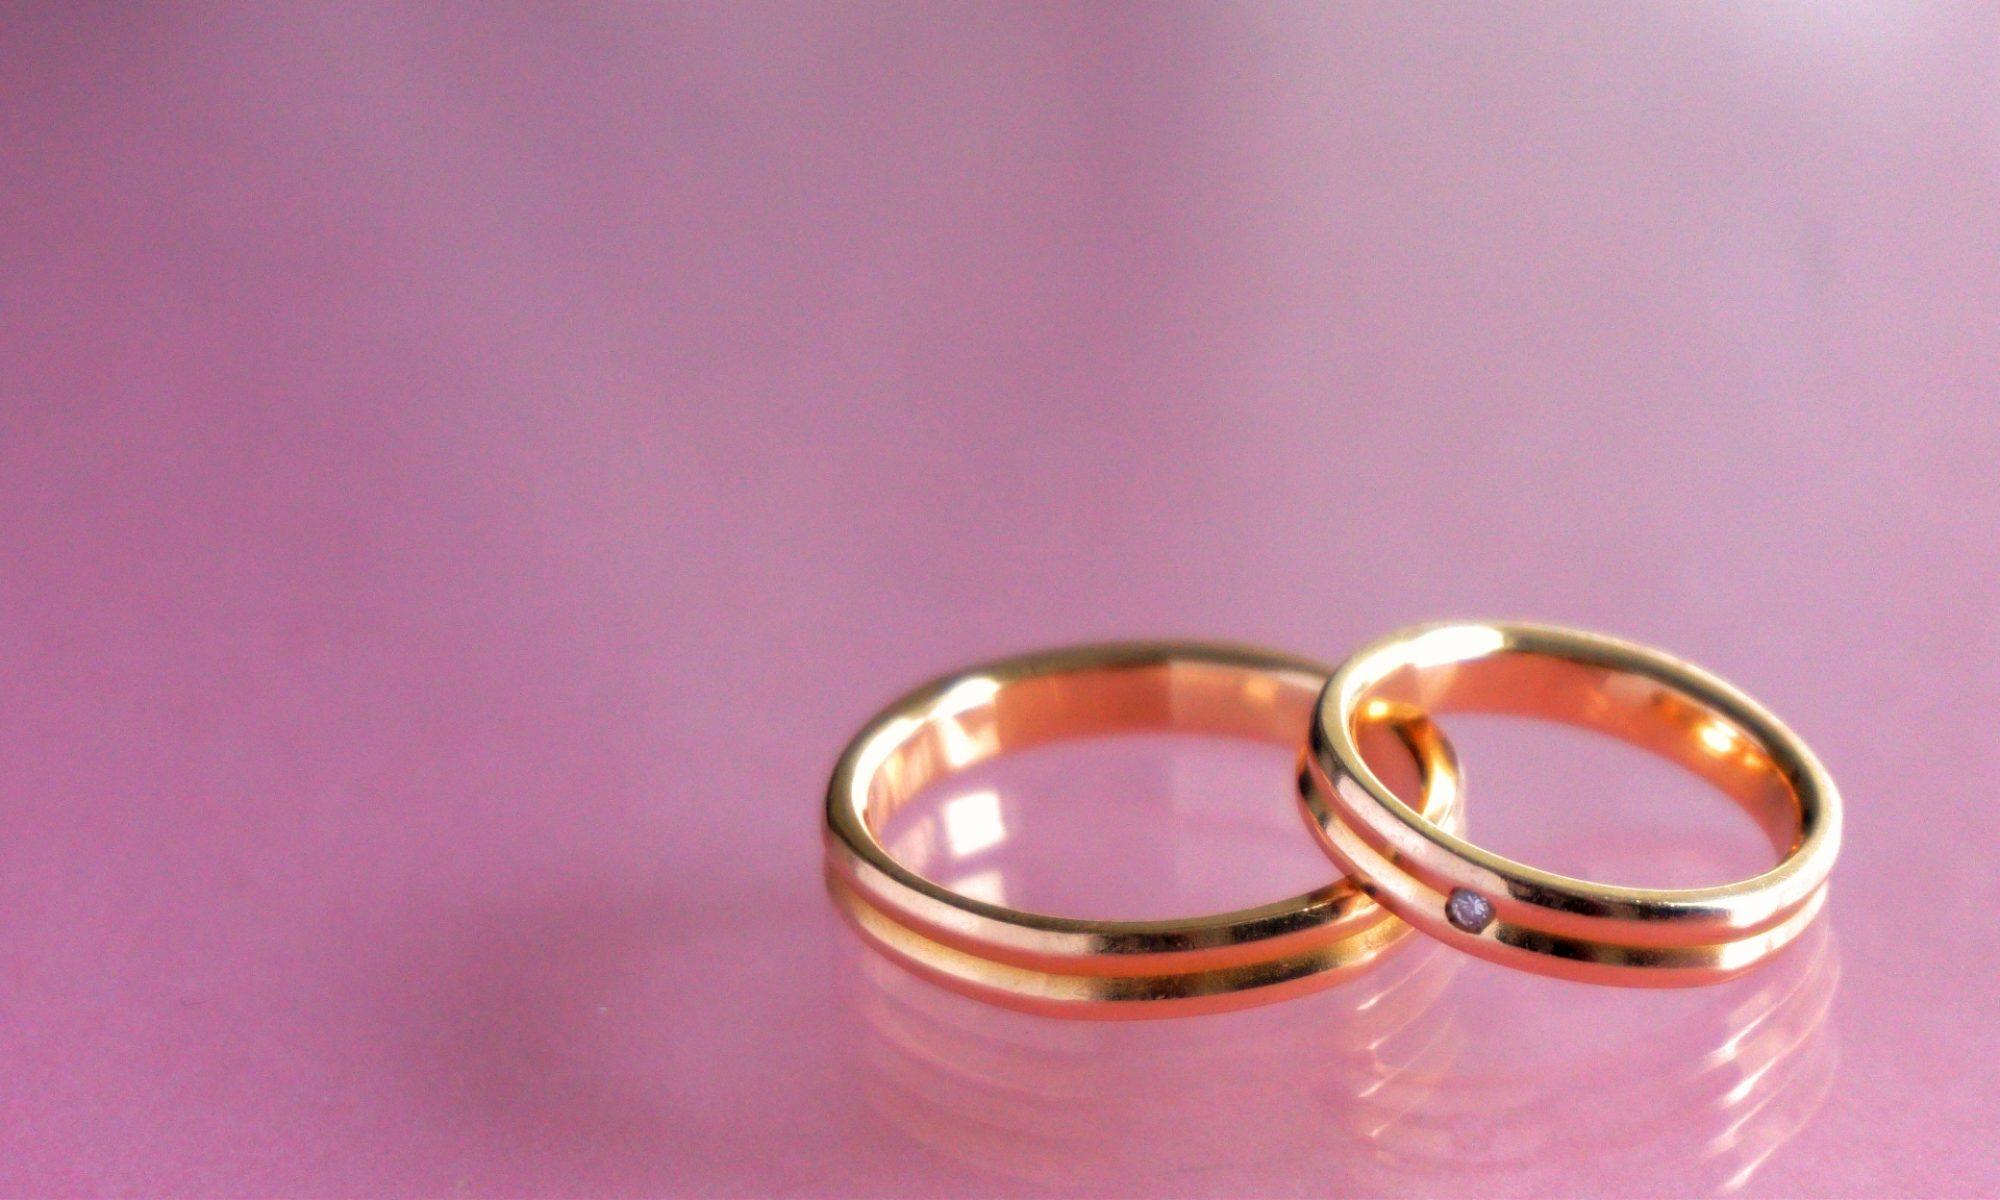 結婚指輪 手作り.com神奈川からのアクセス